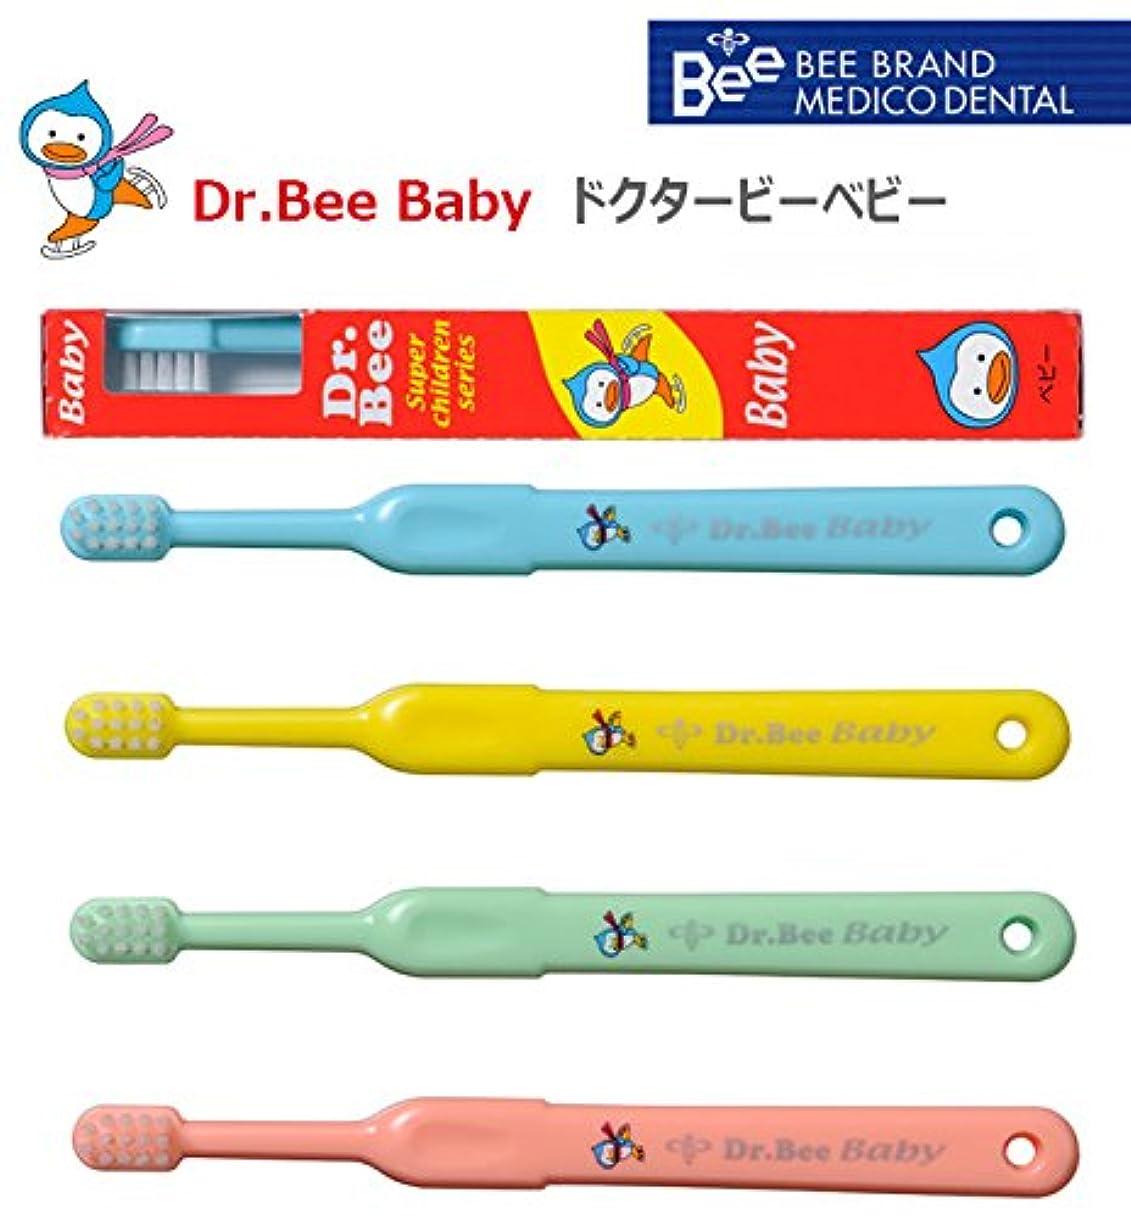 ひらめき病気だと思うビジネスビーブランド ドクタービー Dr.Bee ベビー 4色アソート 20本